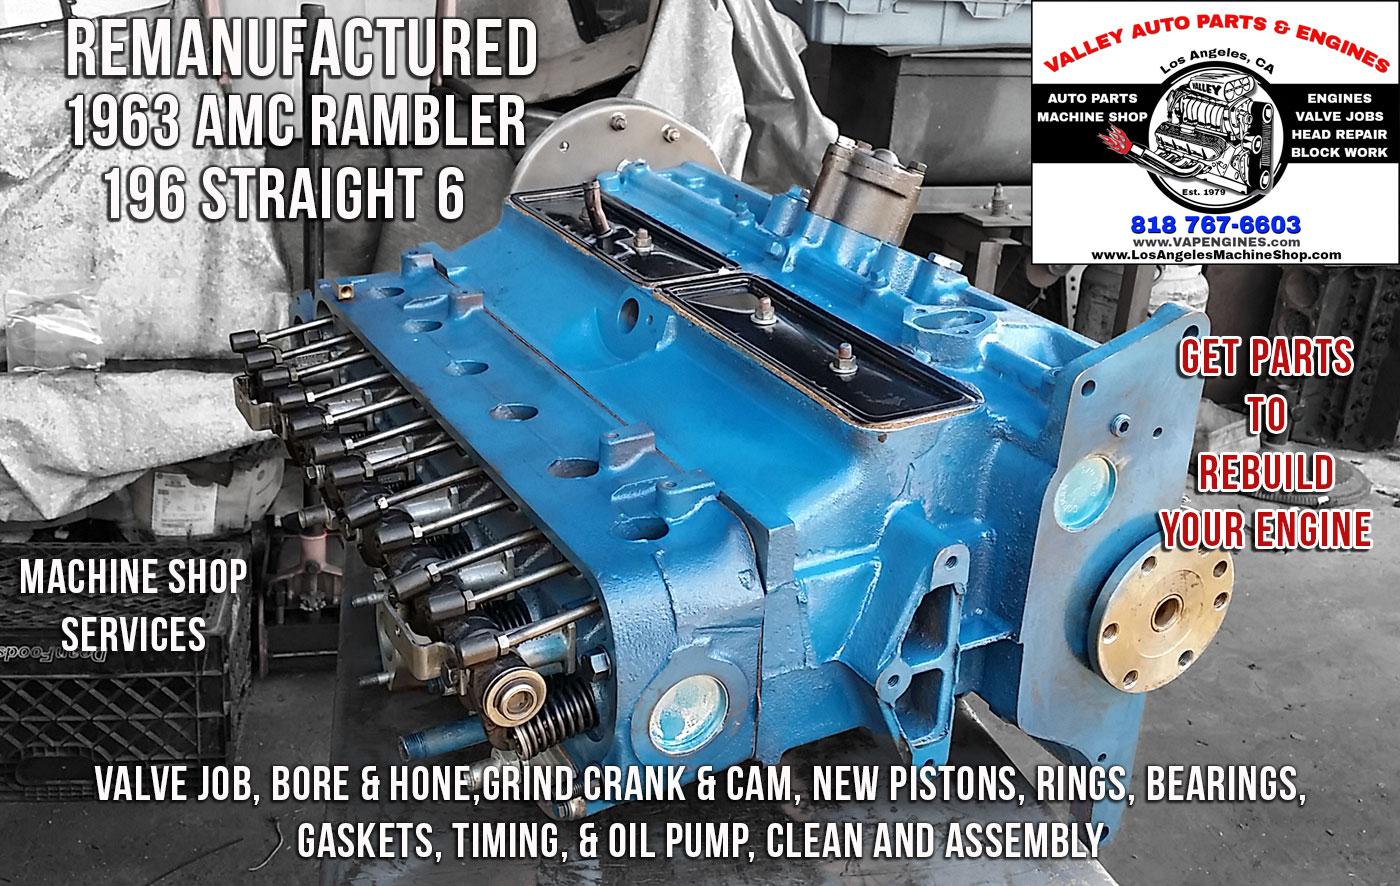 63' AMC Rambler 196 3.2 Remanufactured Engine - Los Angeles Machine Shop- Engine Rebuilder|Auto ...